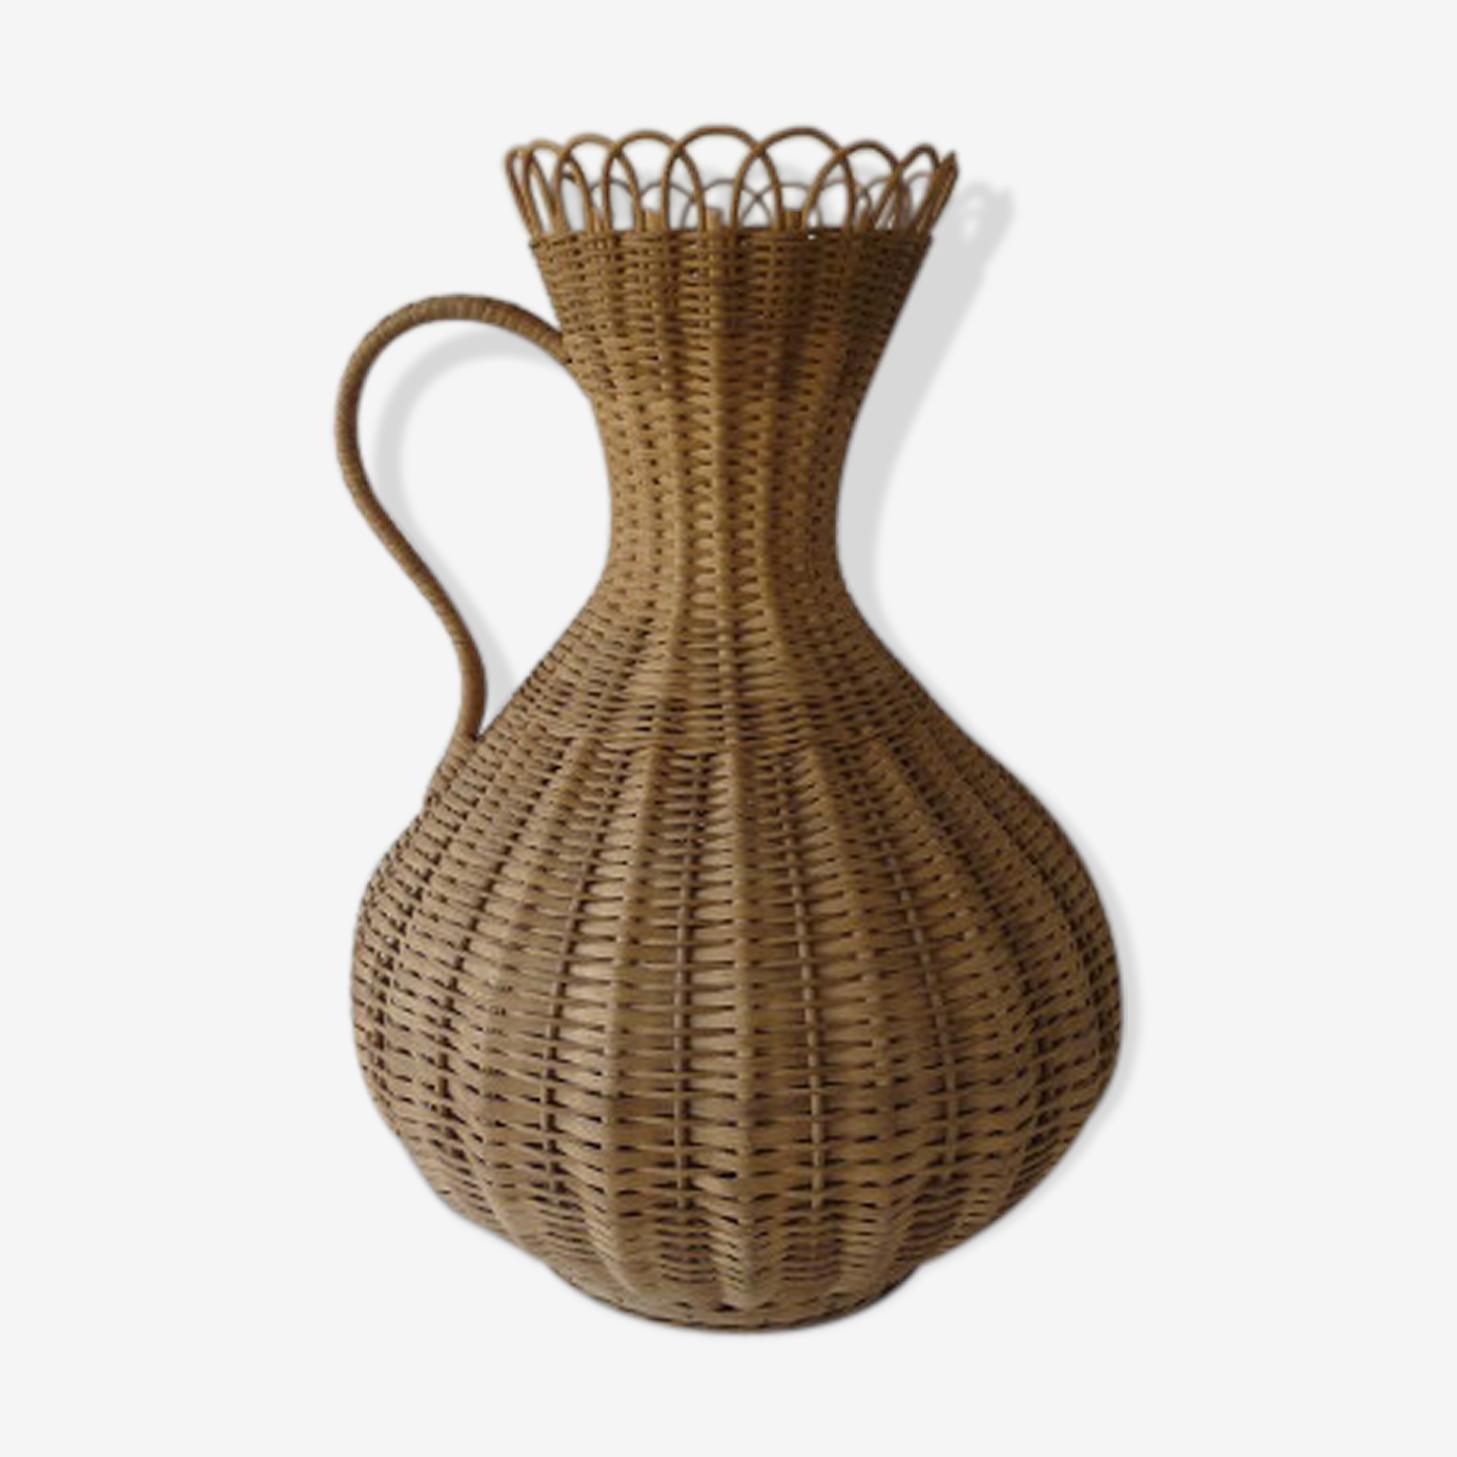 Vase en rotin des années 70